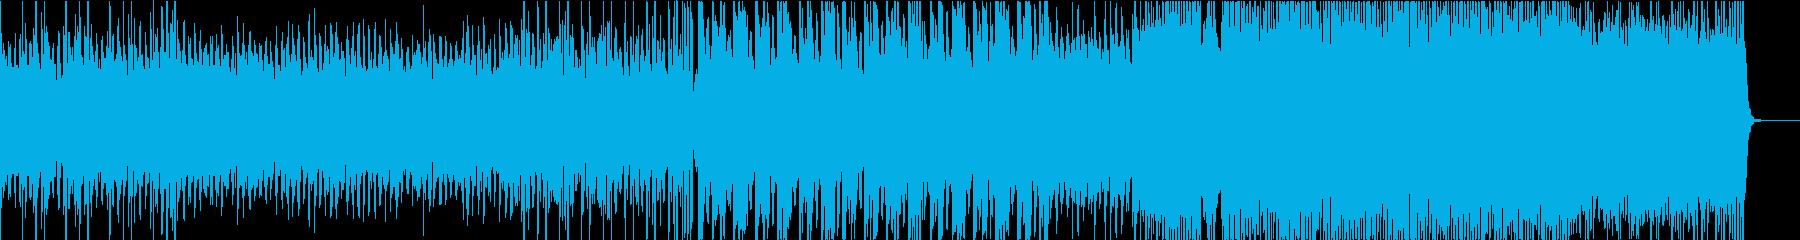 幻想的なアンビエント・切ない透明感VPの再生済みの波形